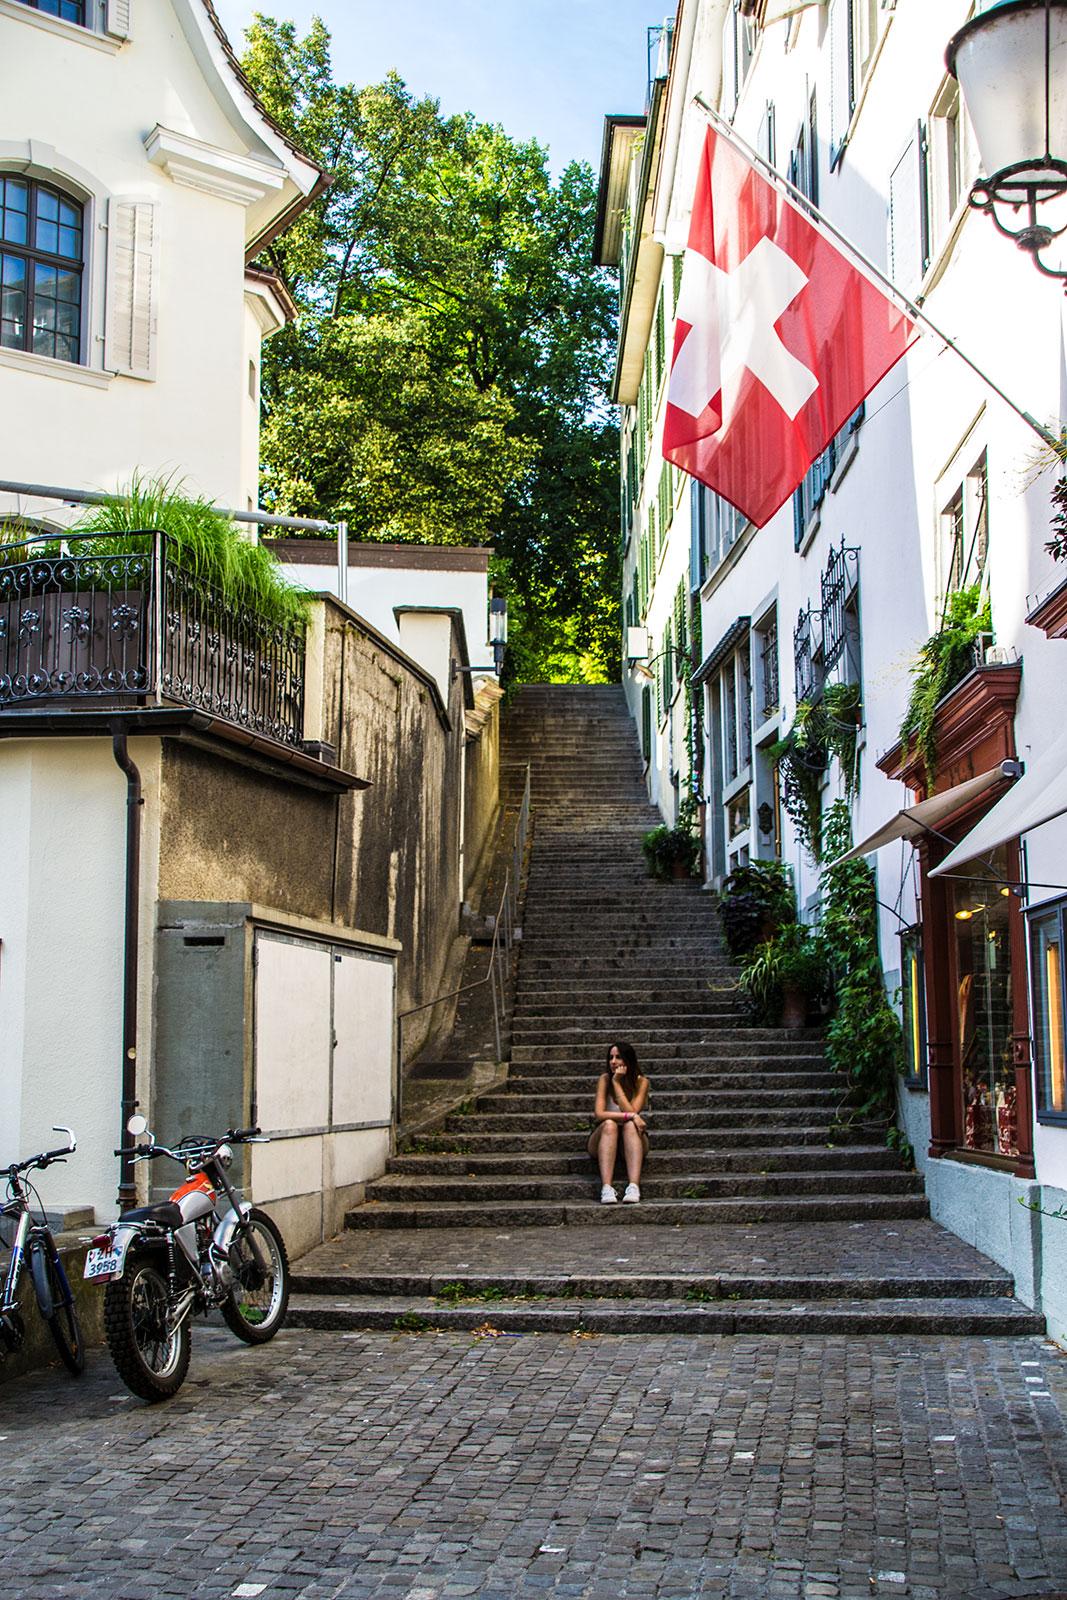 Nerea en unas escaleras de Zúrich - que ver en Zúrich